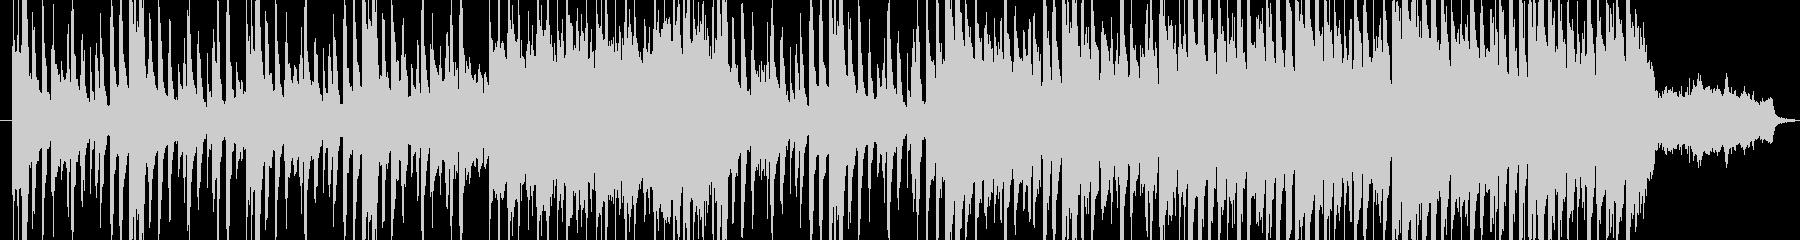 洋館の推理シーンで流れるワルツの未再生の波形